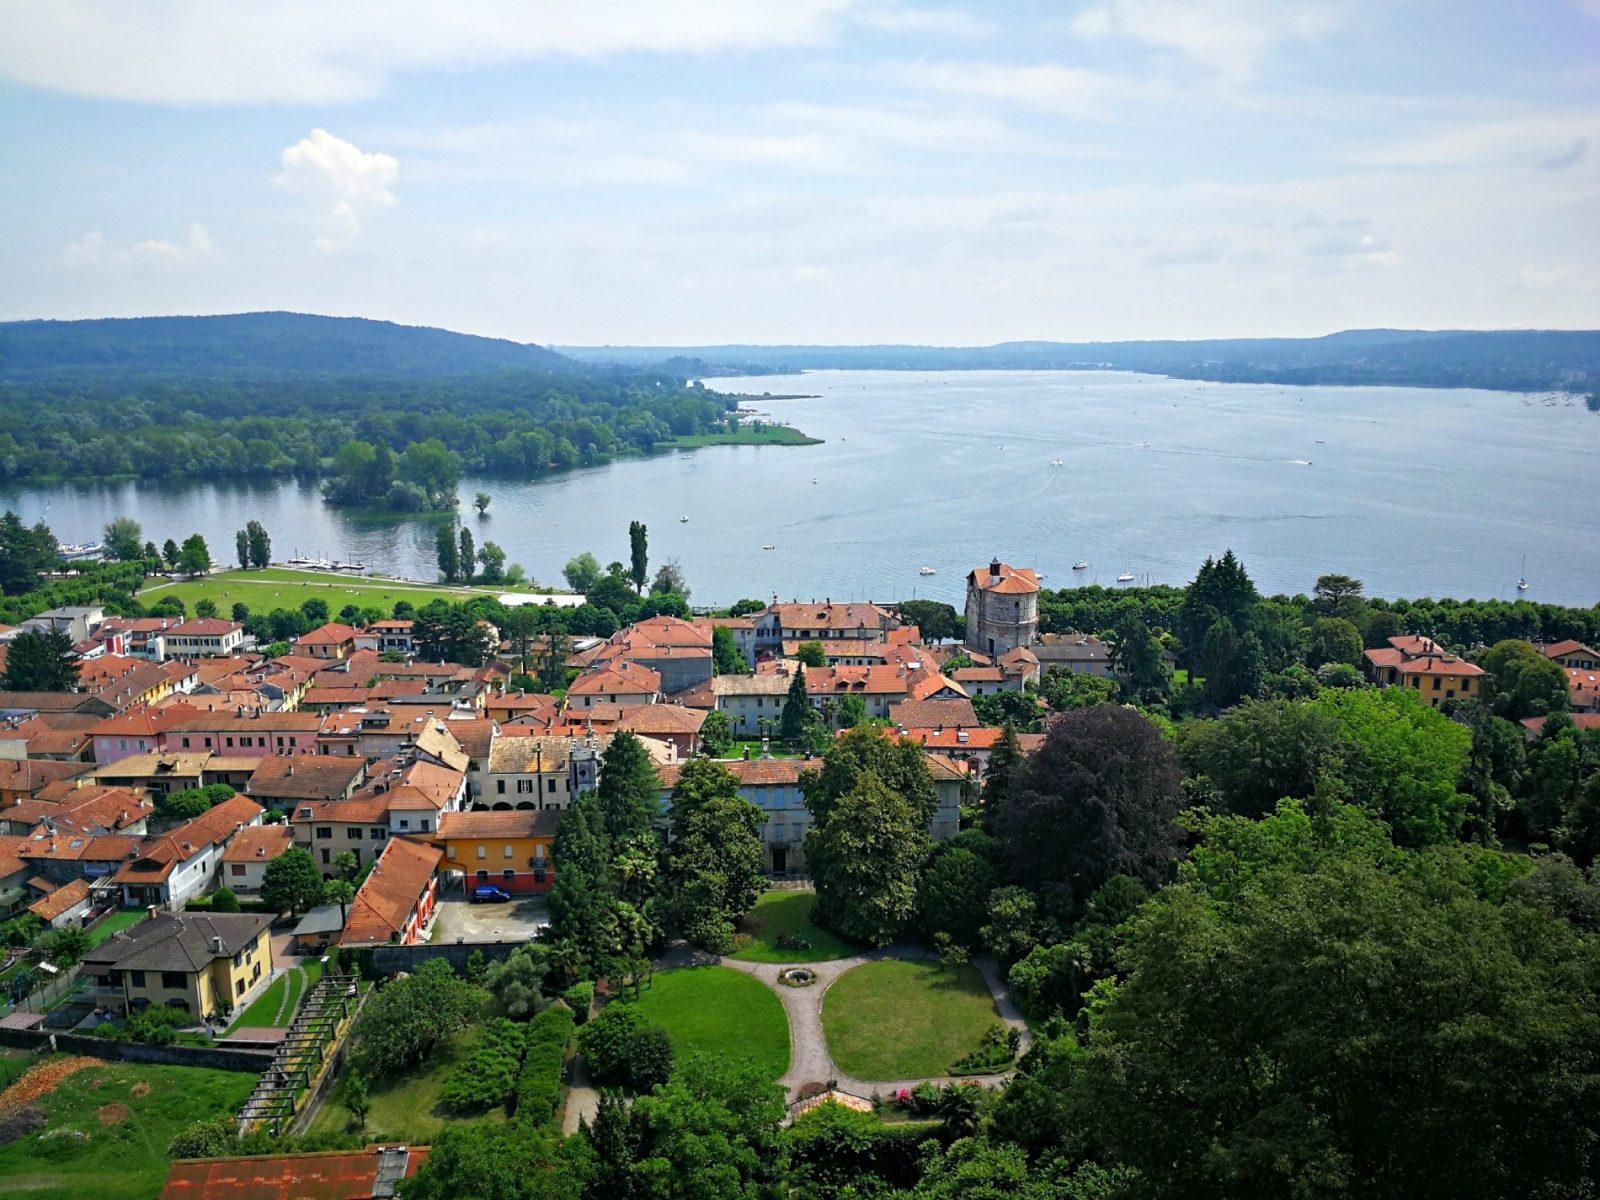 Cosa vedere_Lago_Maggiore_Rocca Borromea di Angera